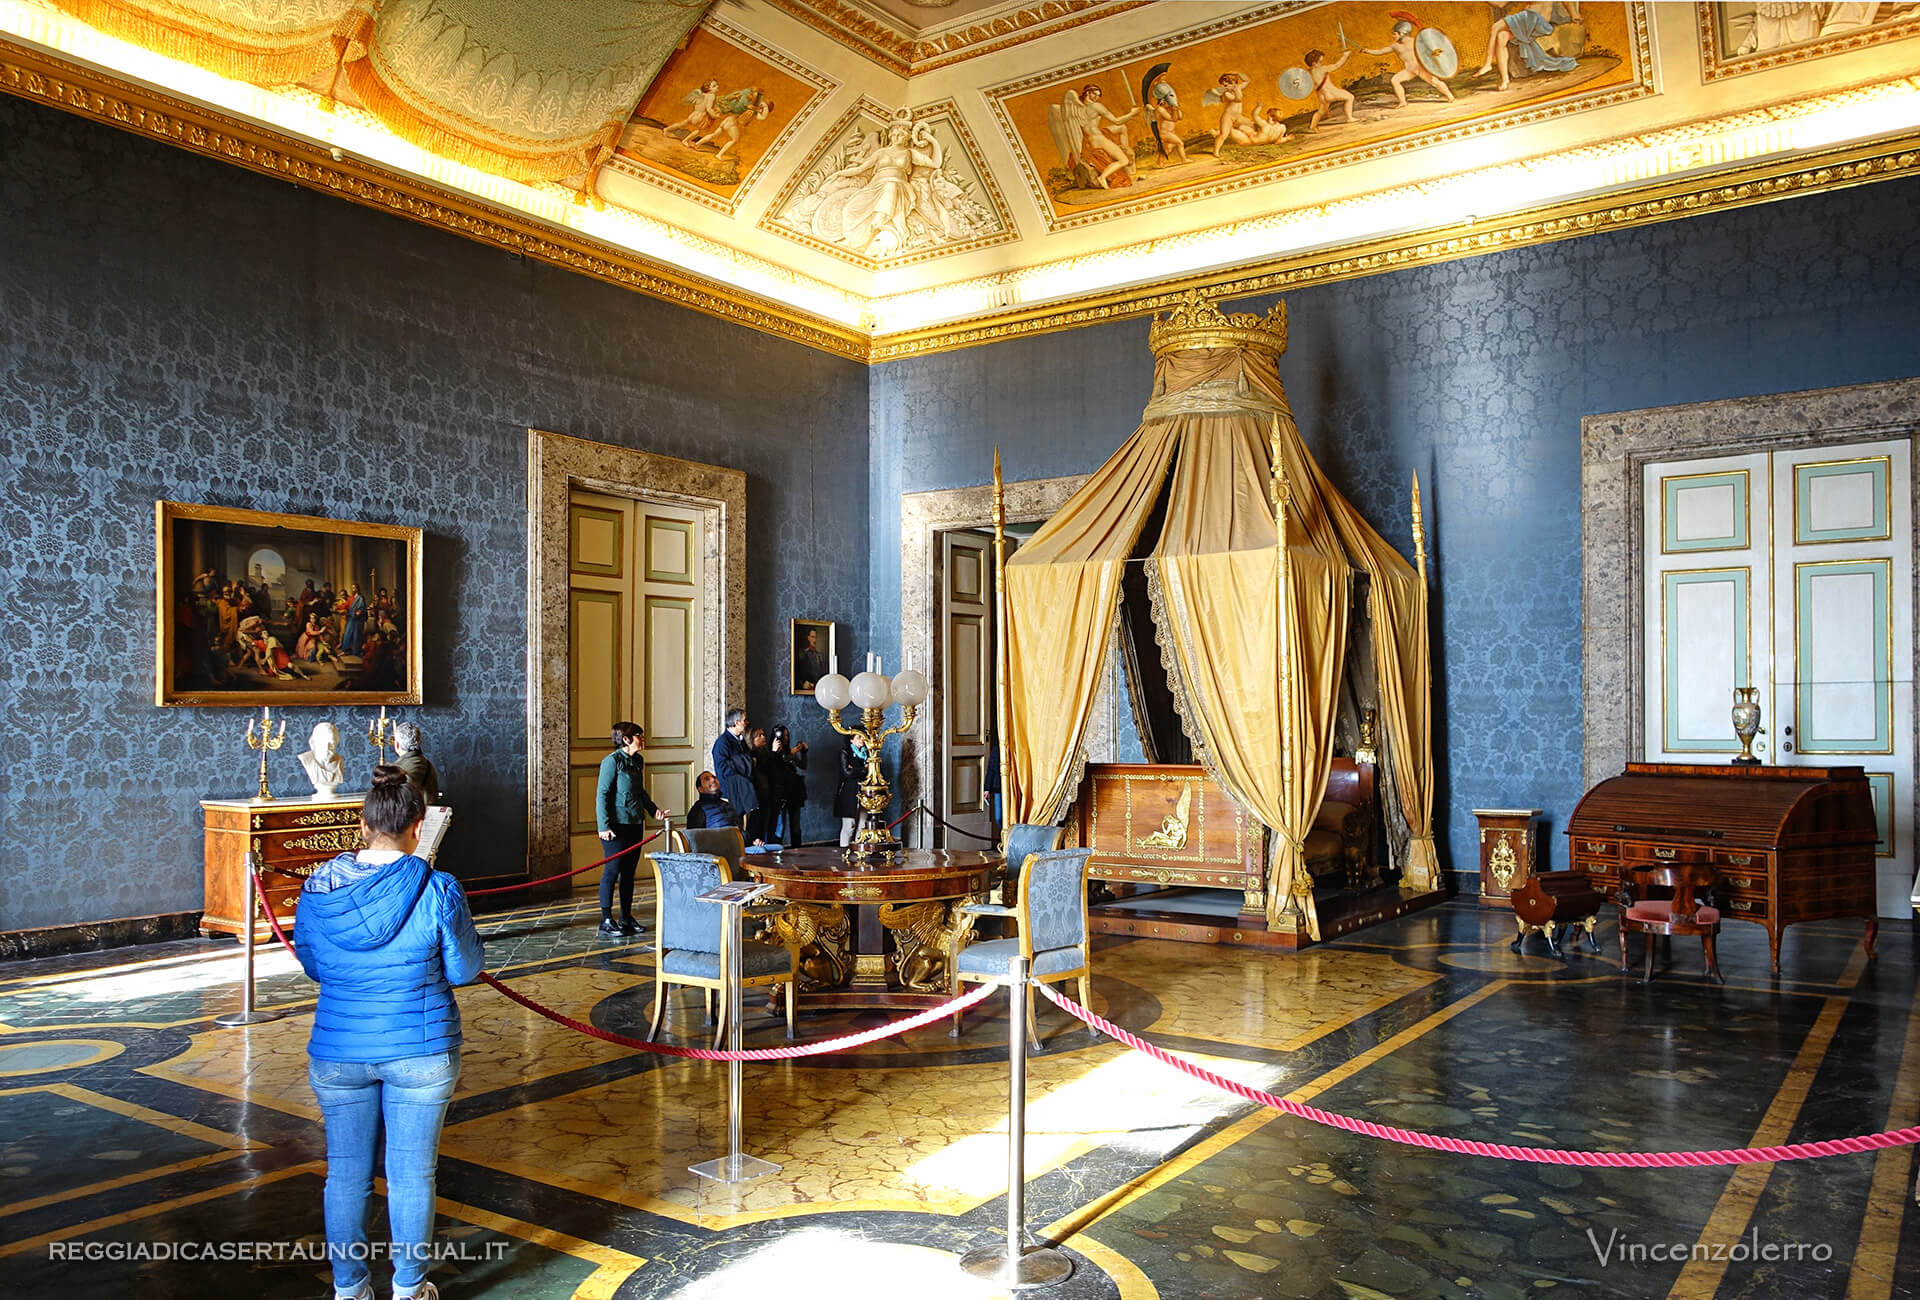 Descrivere Una Stanza Da Letto In Inglese.Camera Da Letto Di Re Francesco Ii Reggia Di Caserta Unofficial